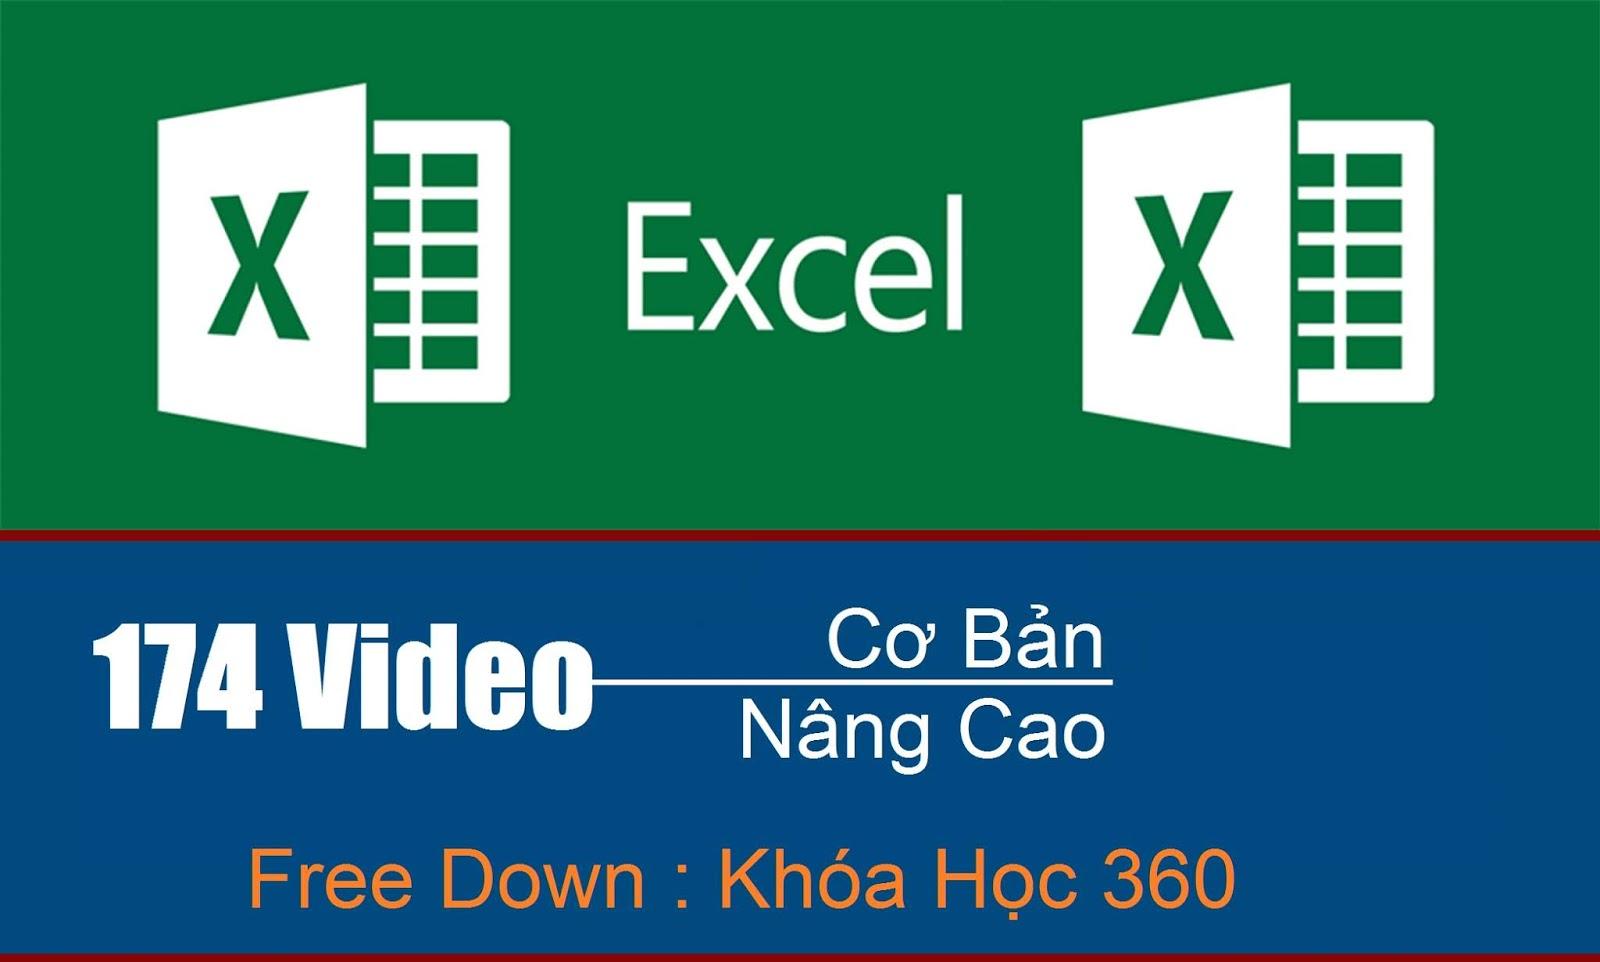 Khóa Học Microsoft Excel Full 174 Video và bài tập chi tiết toàn tập miễn phí 1